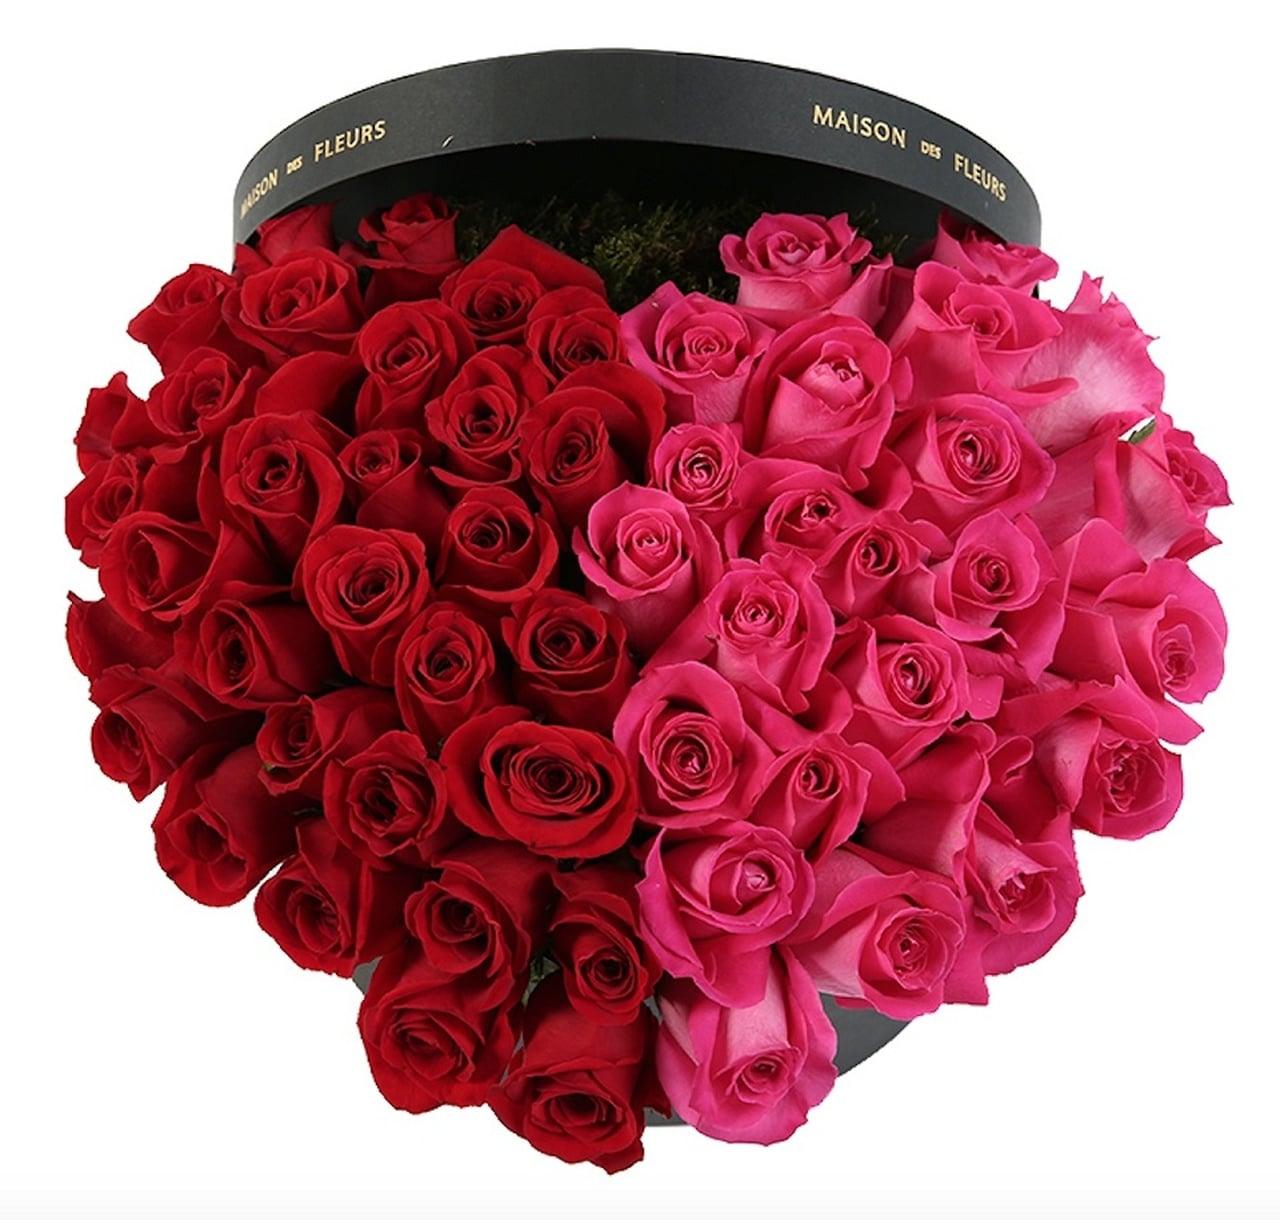 بالصور اجمل ورود الحب , اجمل باقات زهور الحب 978 11